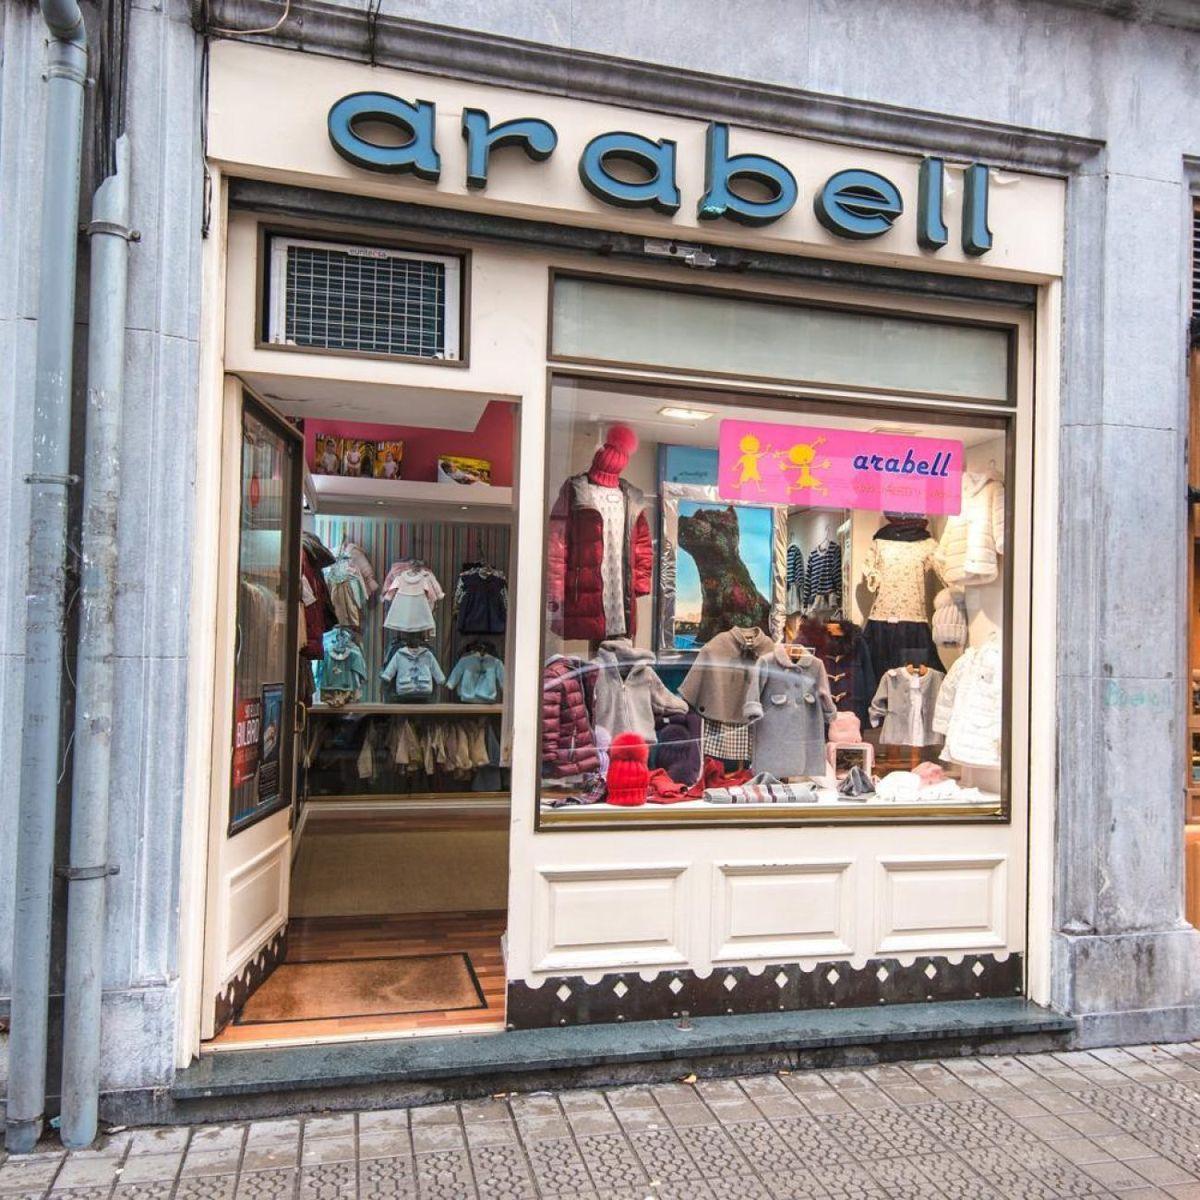 3267-arabell-01